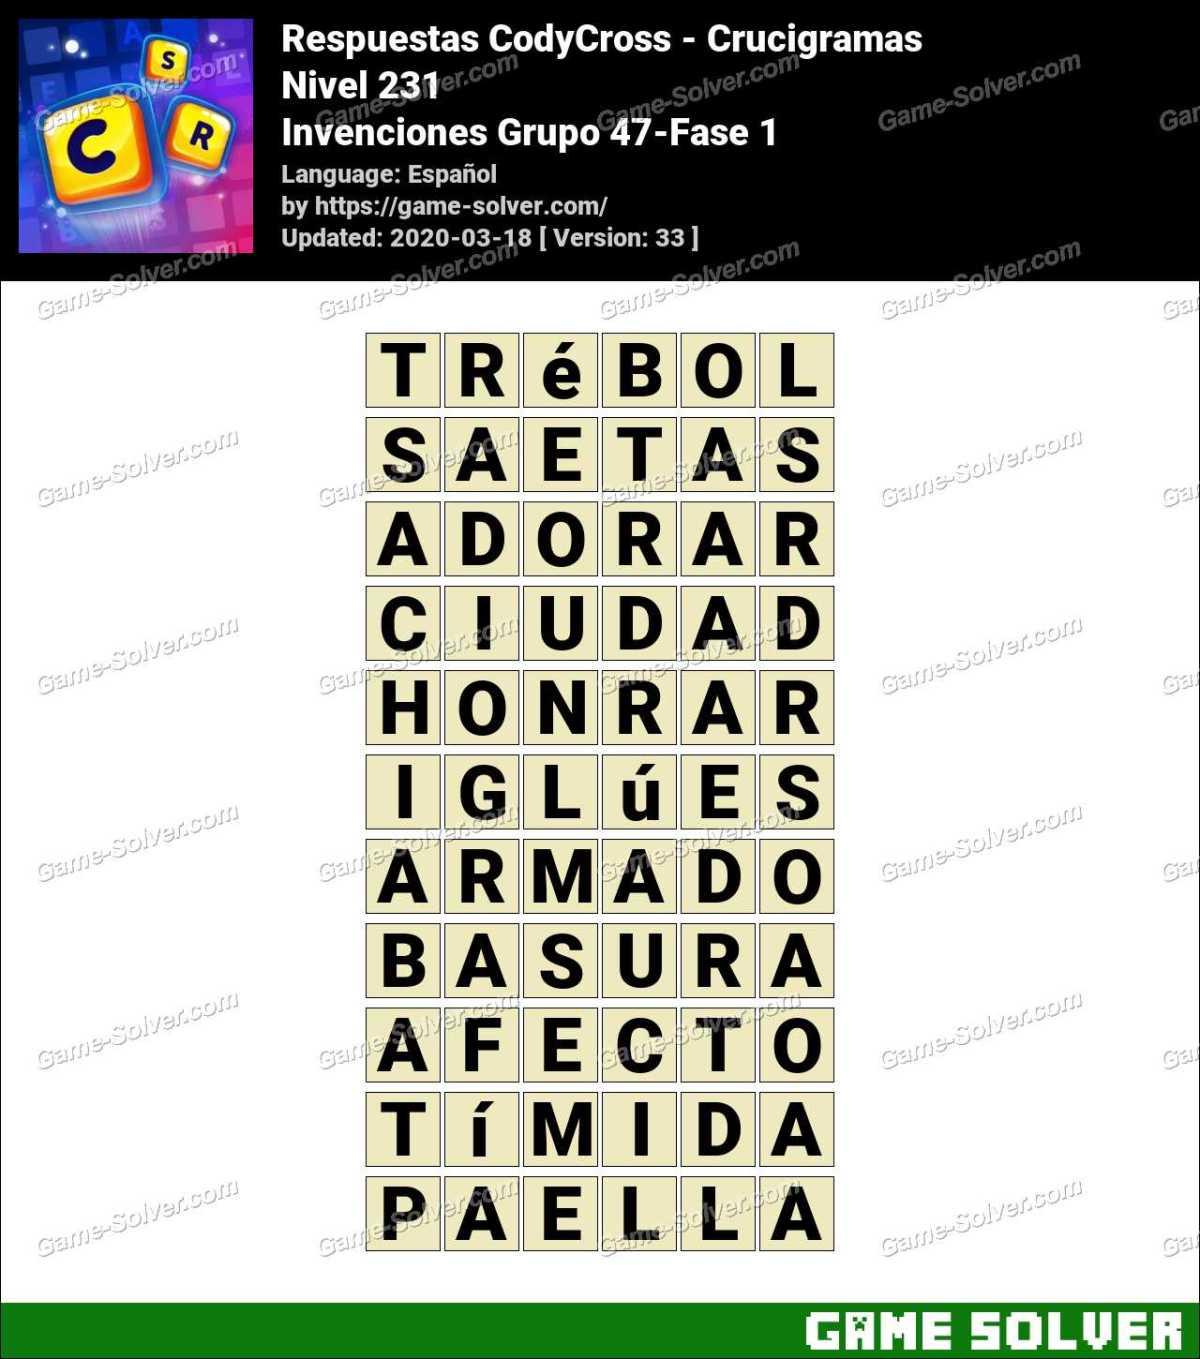 Respuestas CodyCross Invenciones Grupo 47-Fase 1